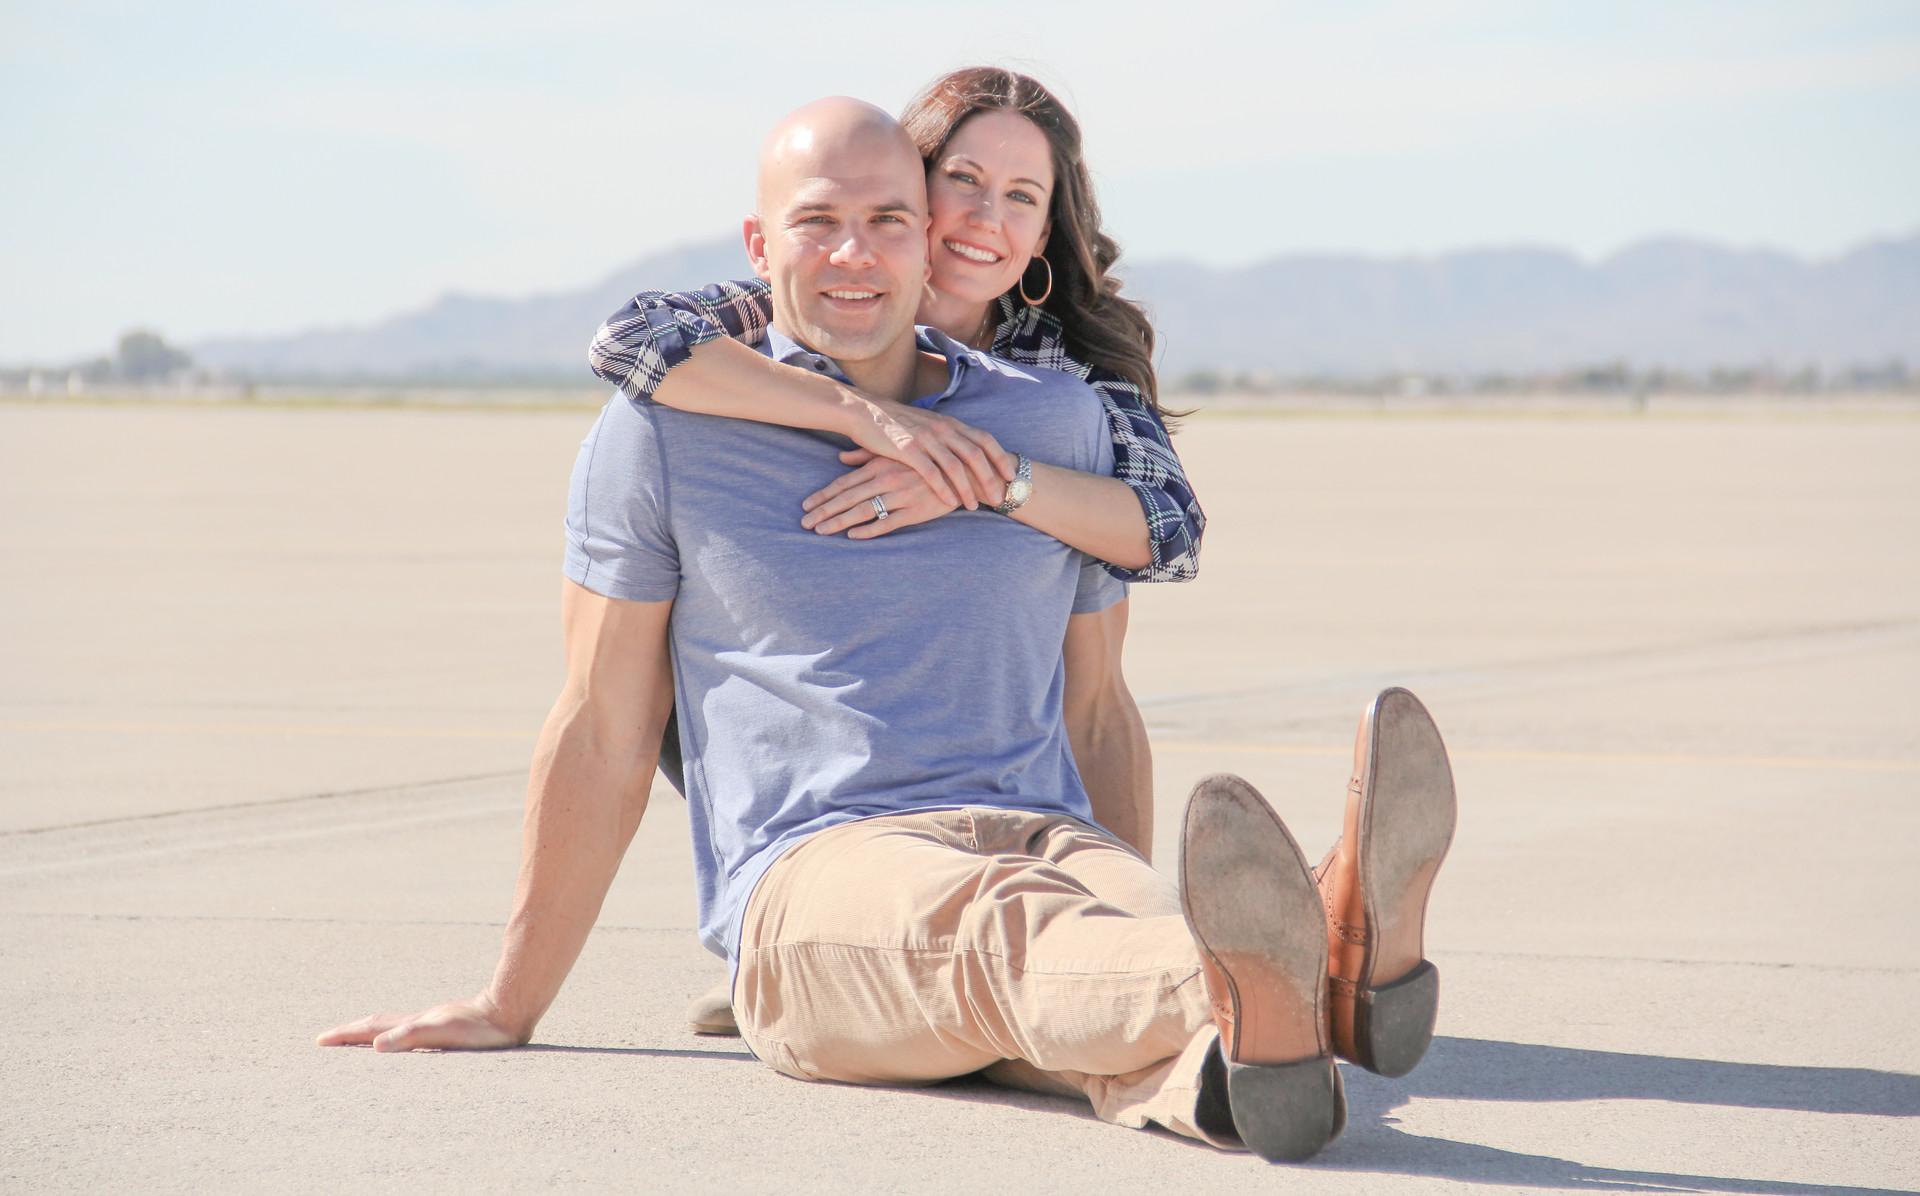 Engagement Photography Tucson